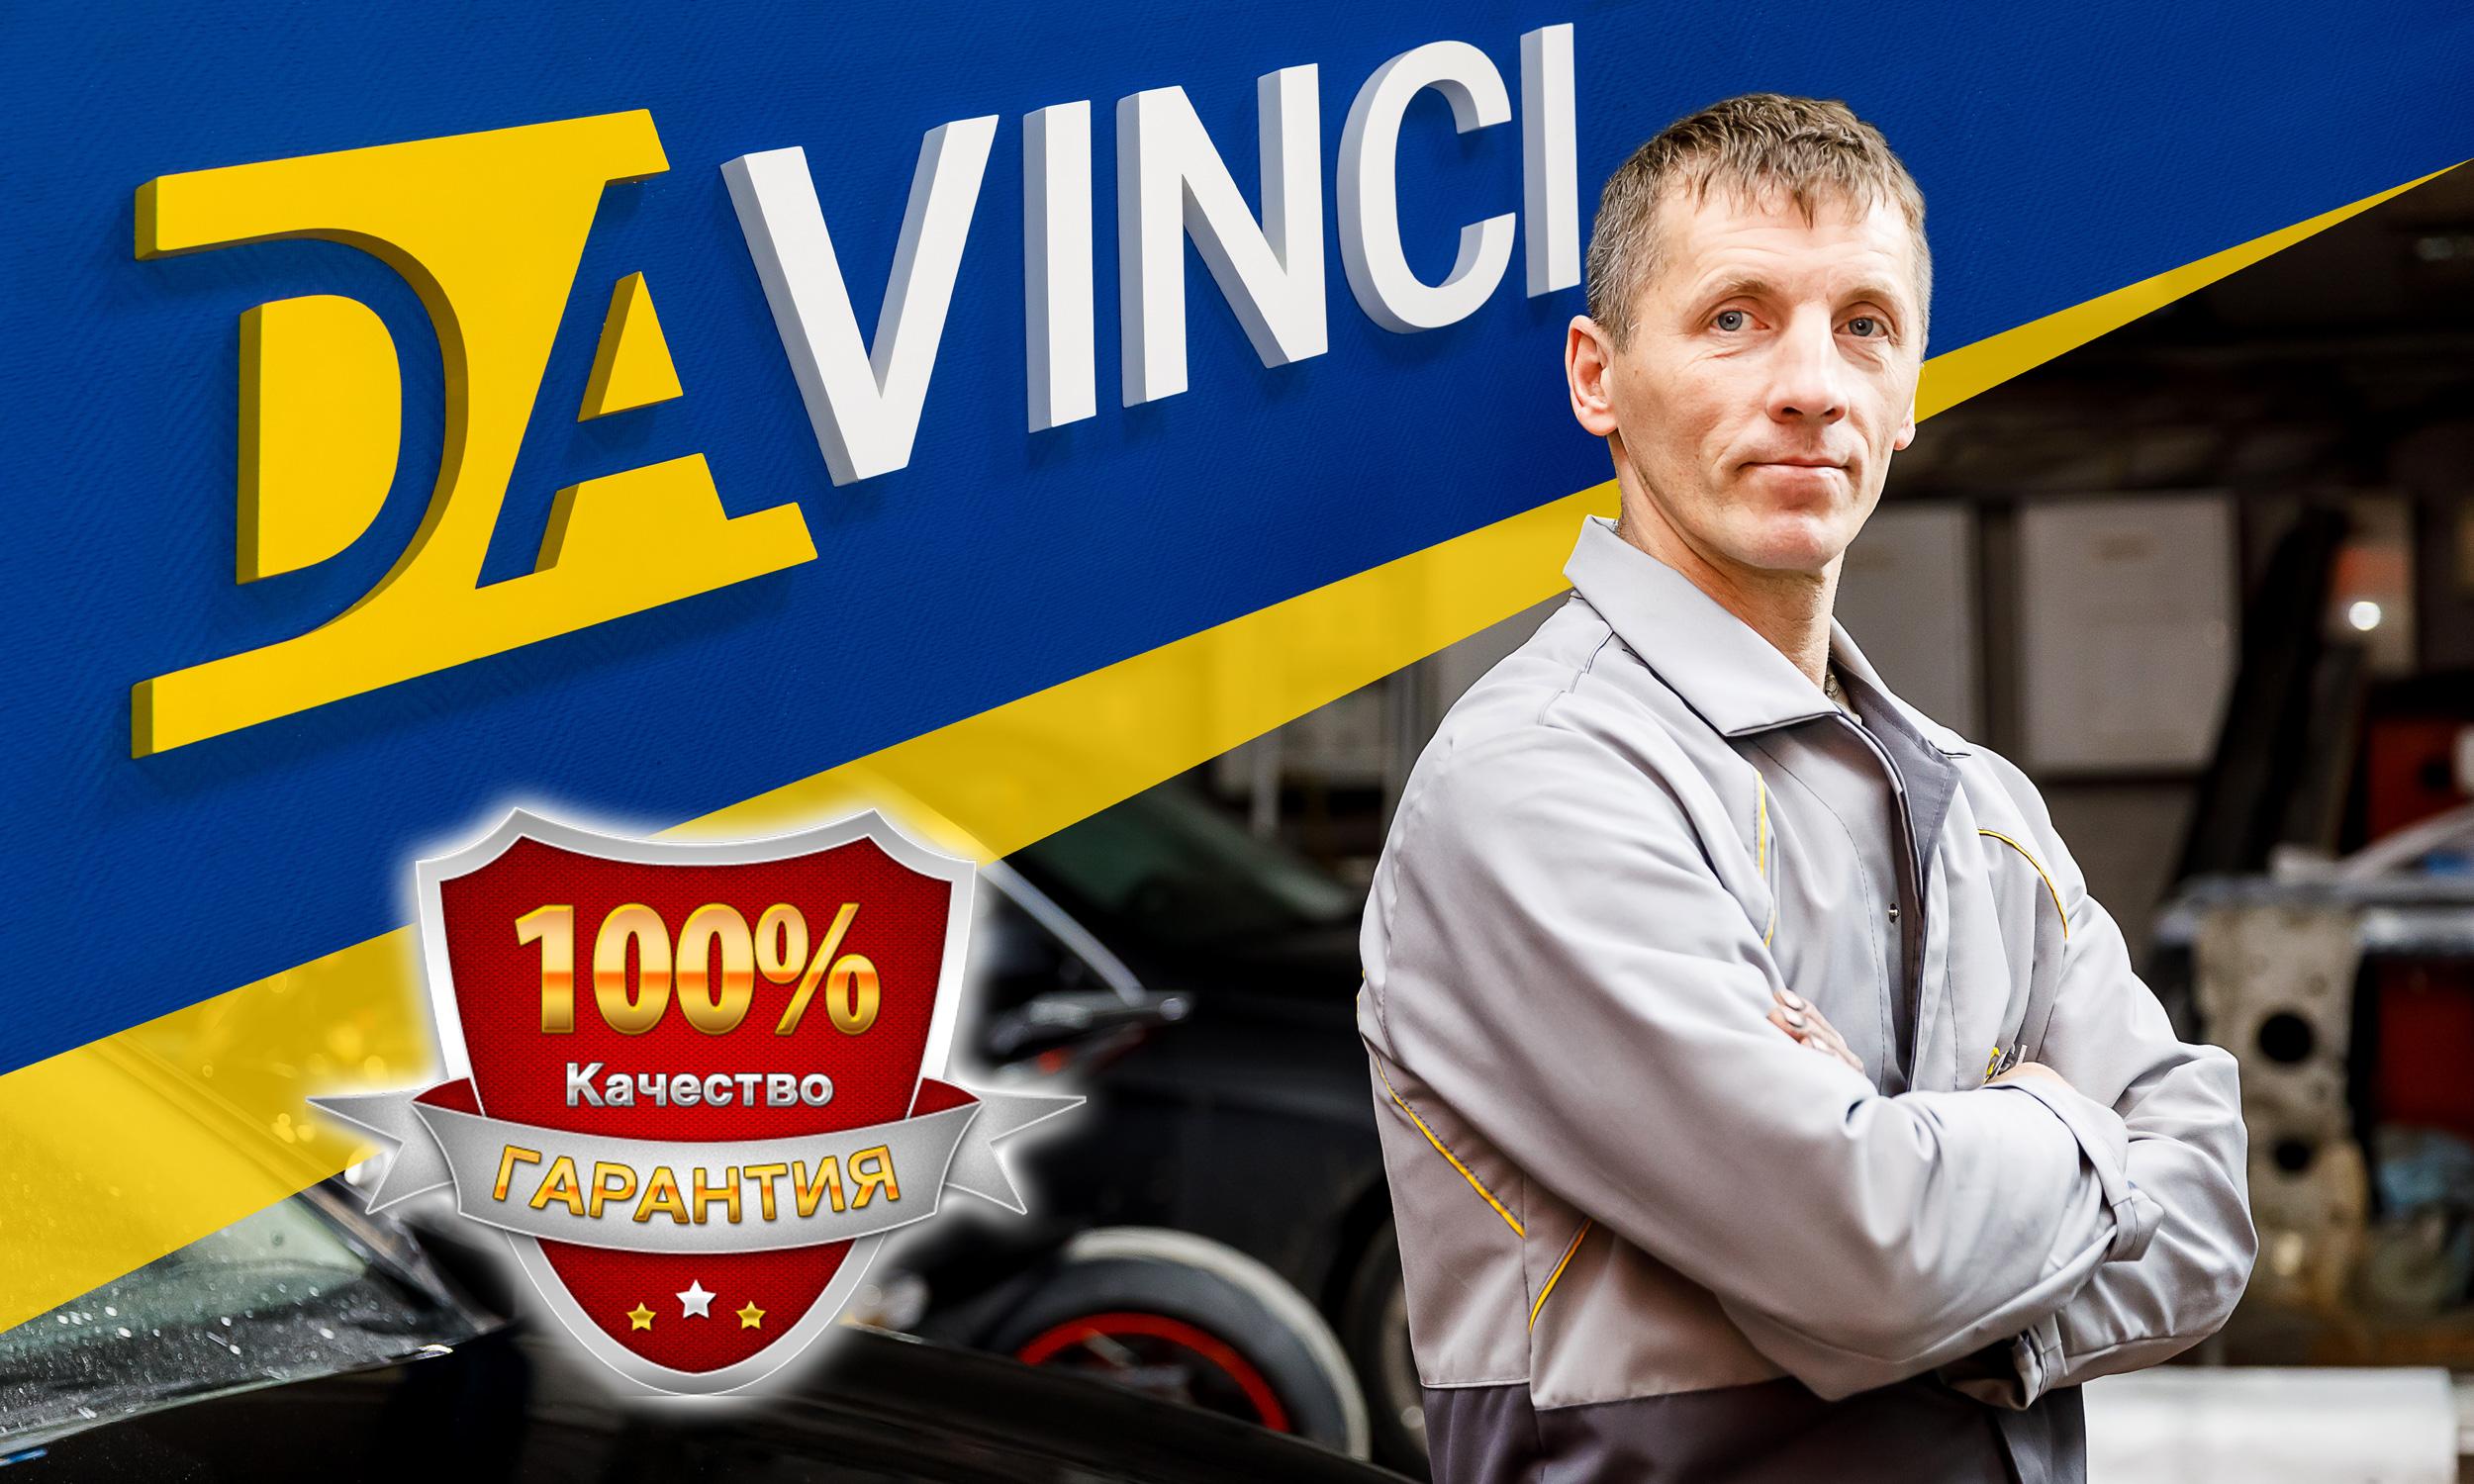 Гарантии автосервиса DA VINCI